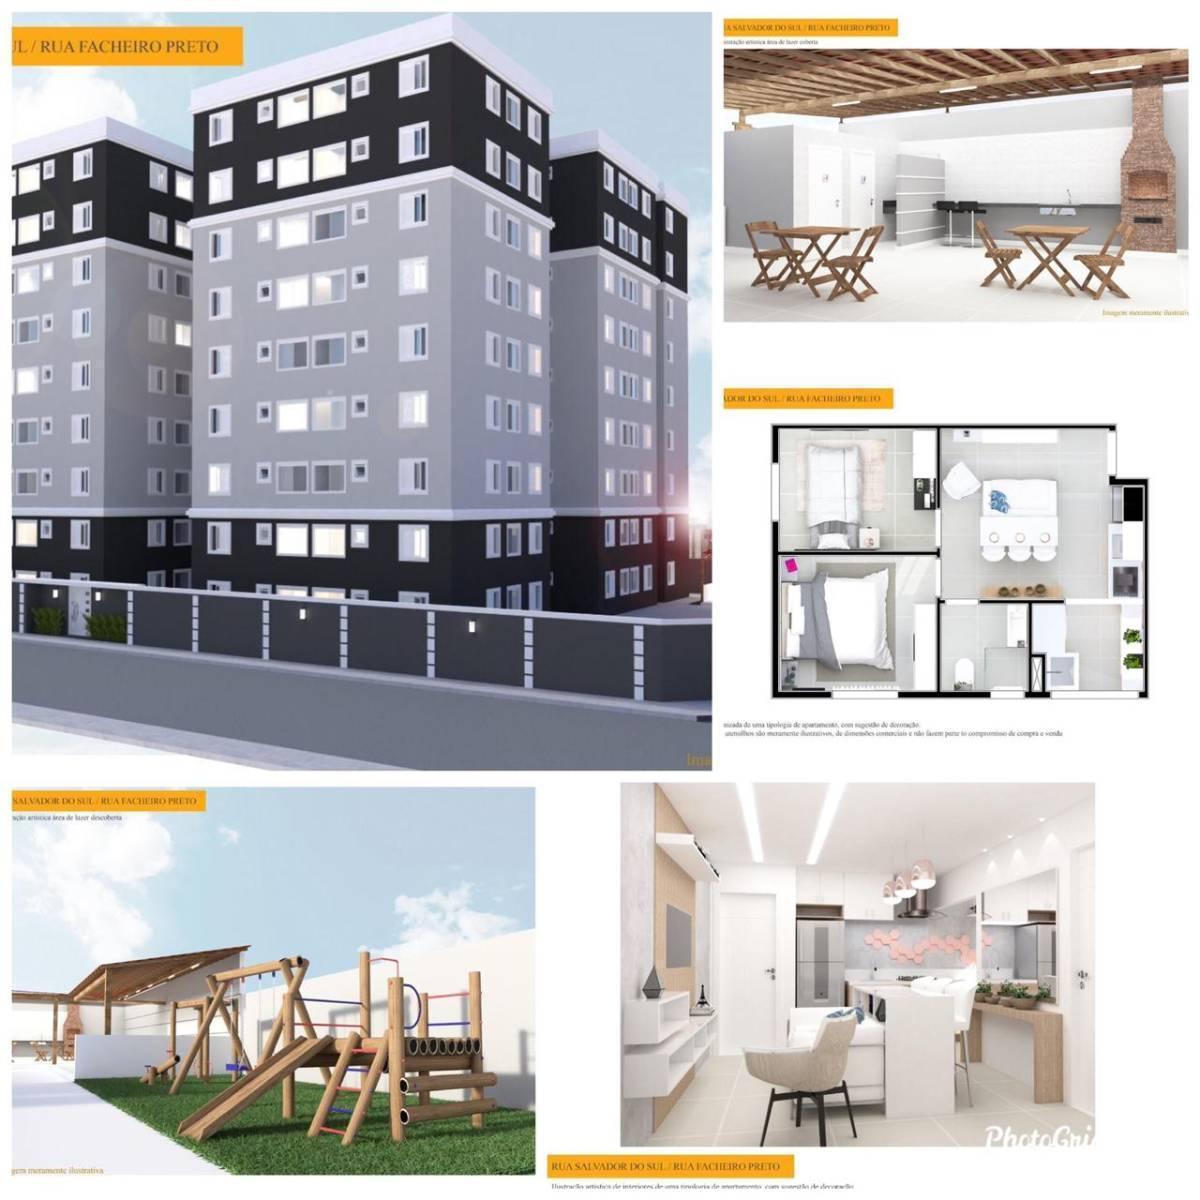 Lançamento 2 dormitórios minha casa minha vida entrada a partir de mil reais